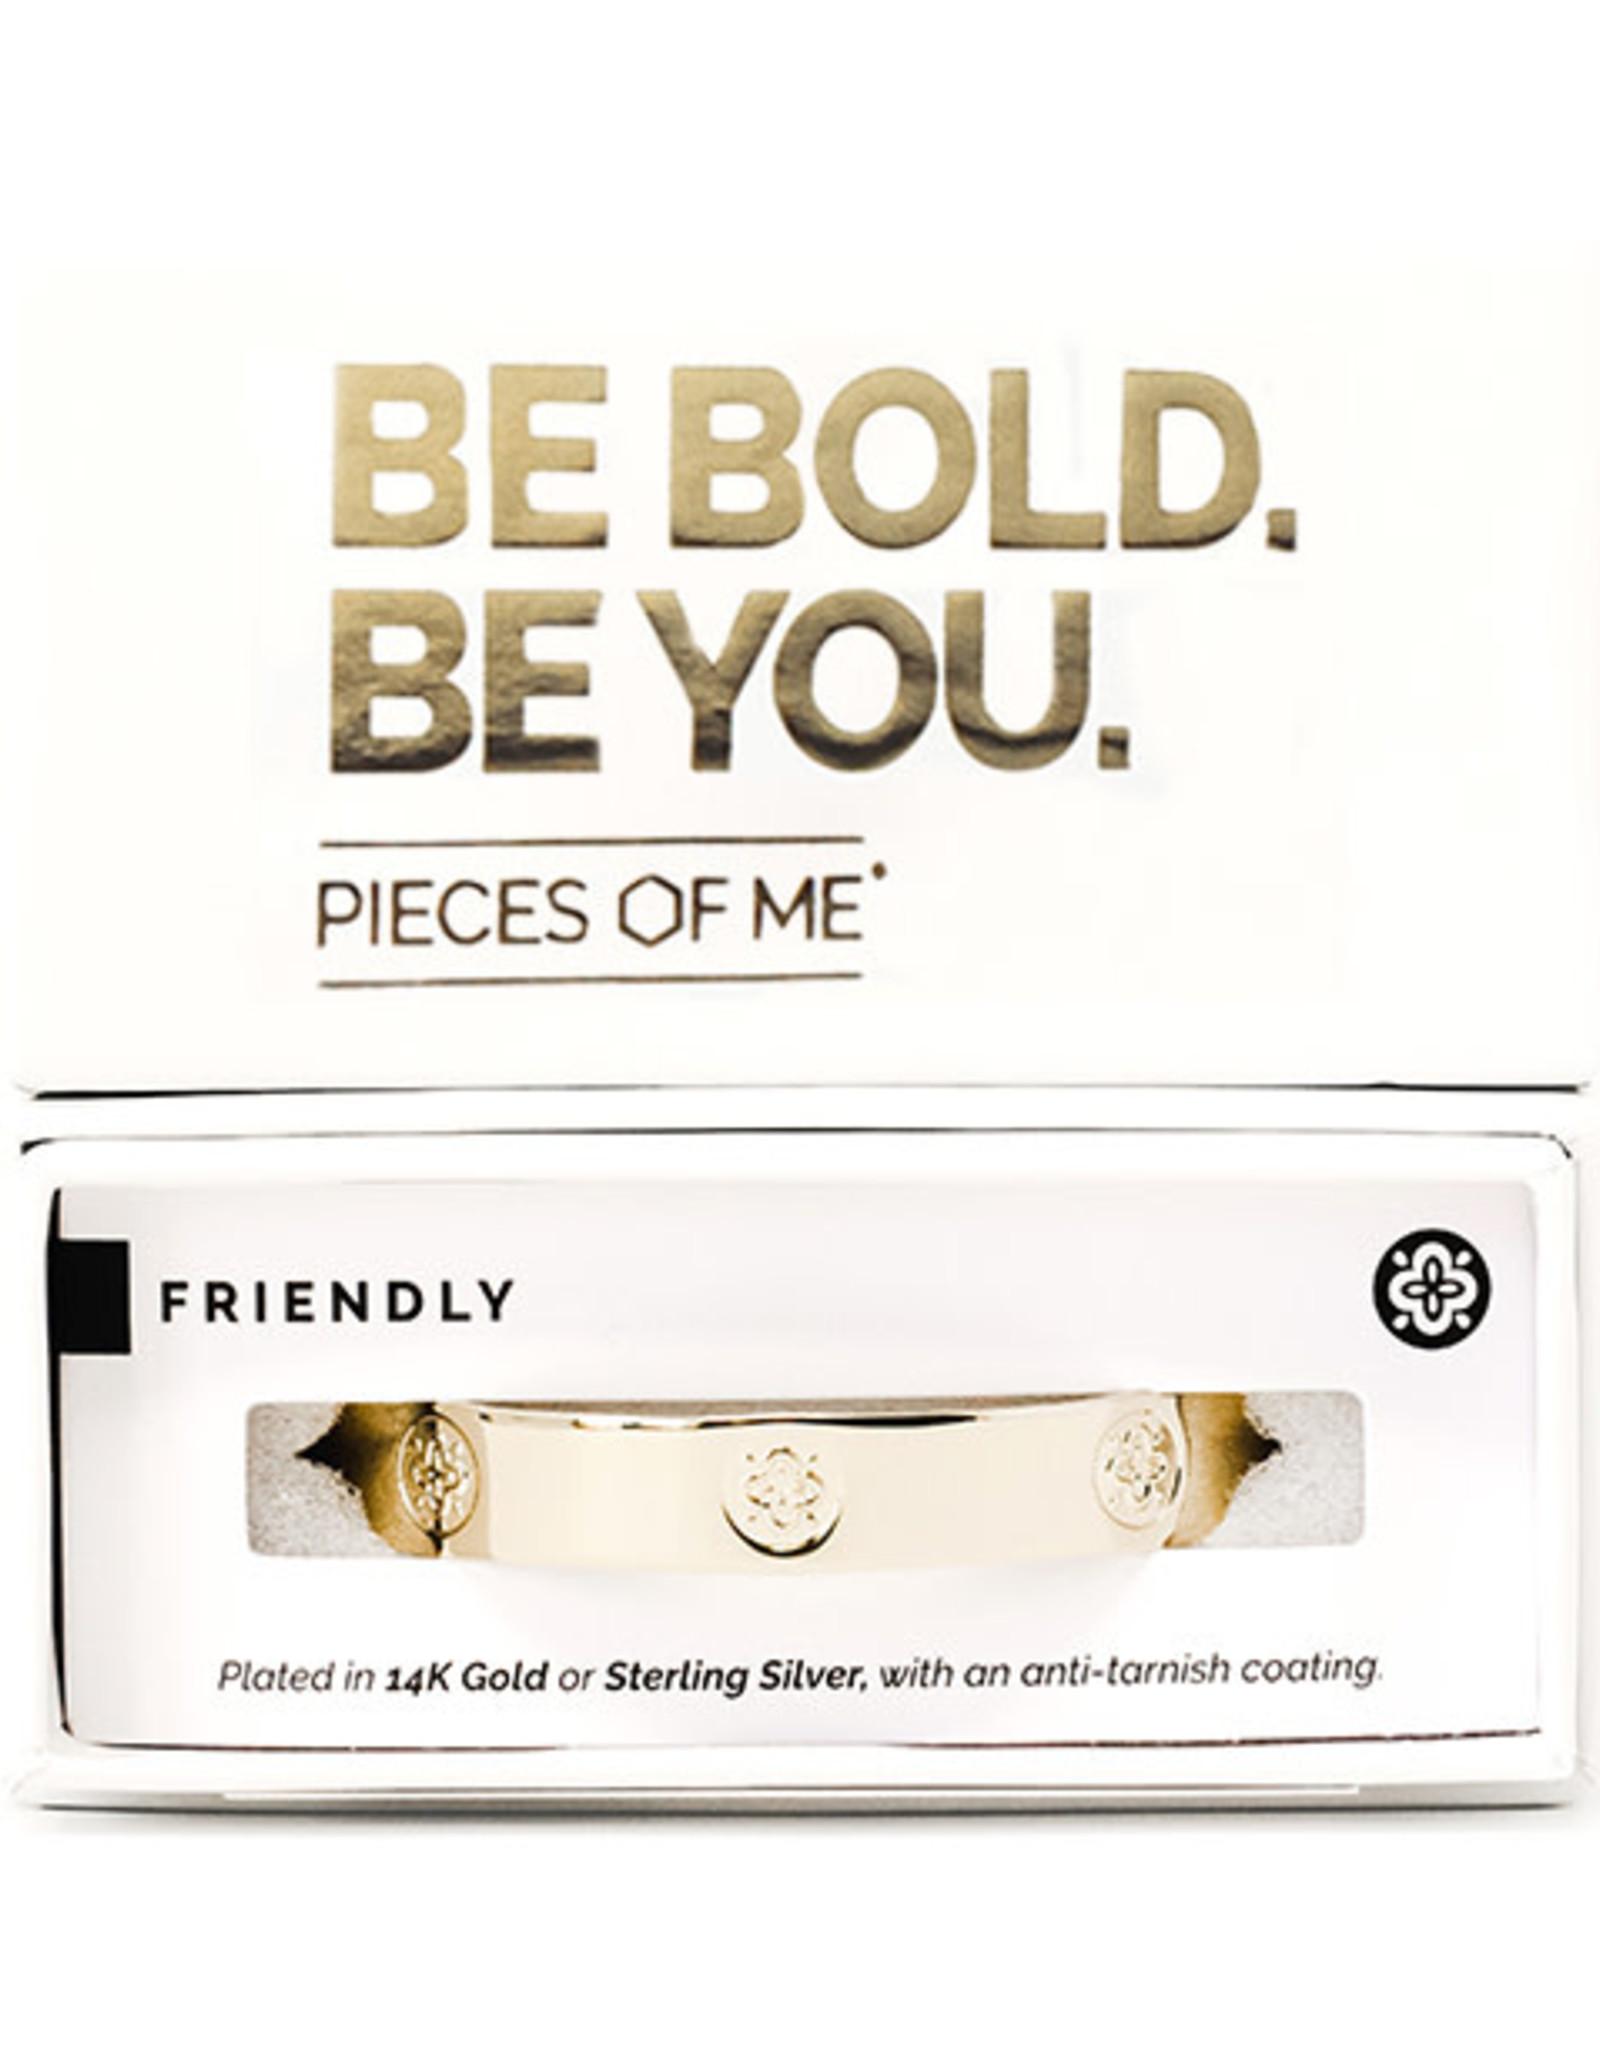 Pieces of Me Bracelet Friendly Gold